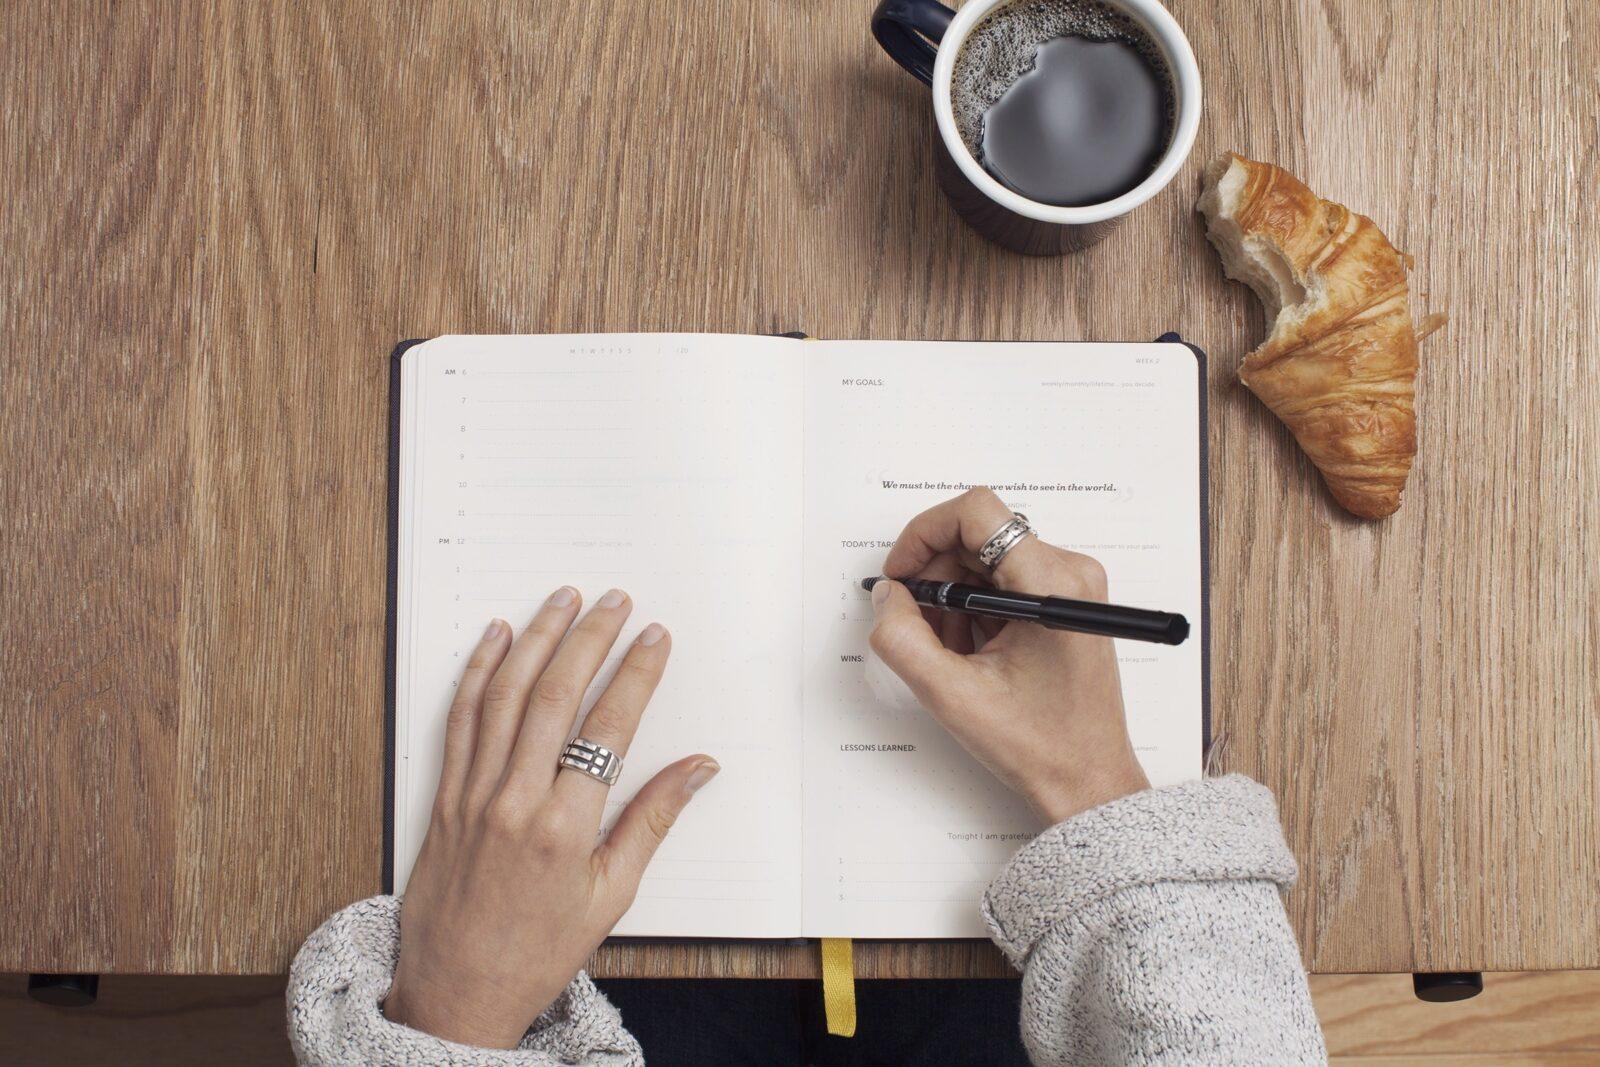 نوشتن هدف